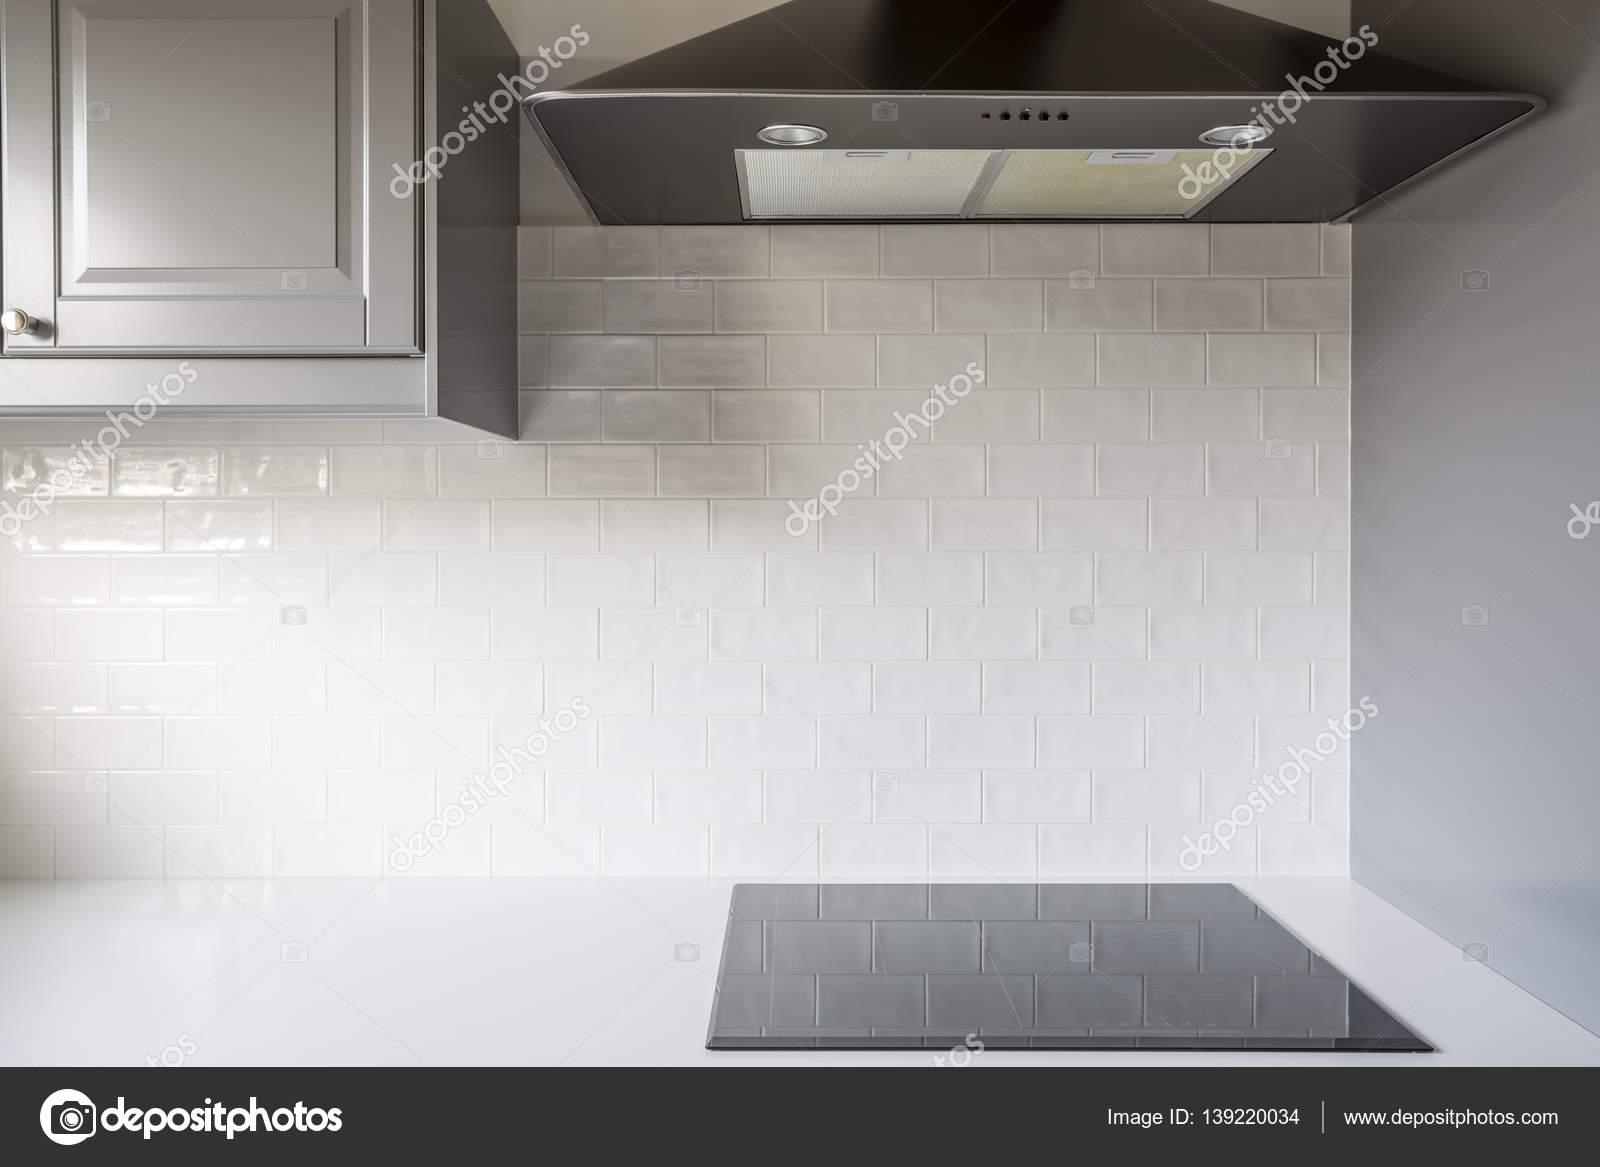 Tegels Keuken Witte : Keuken met witte bakstenen tegels u2014 stockfoto © photographee.eu